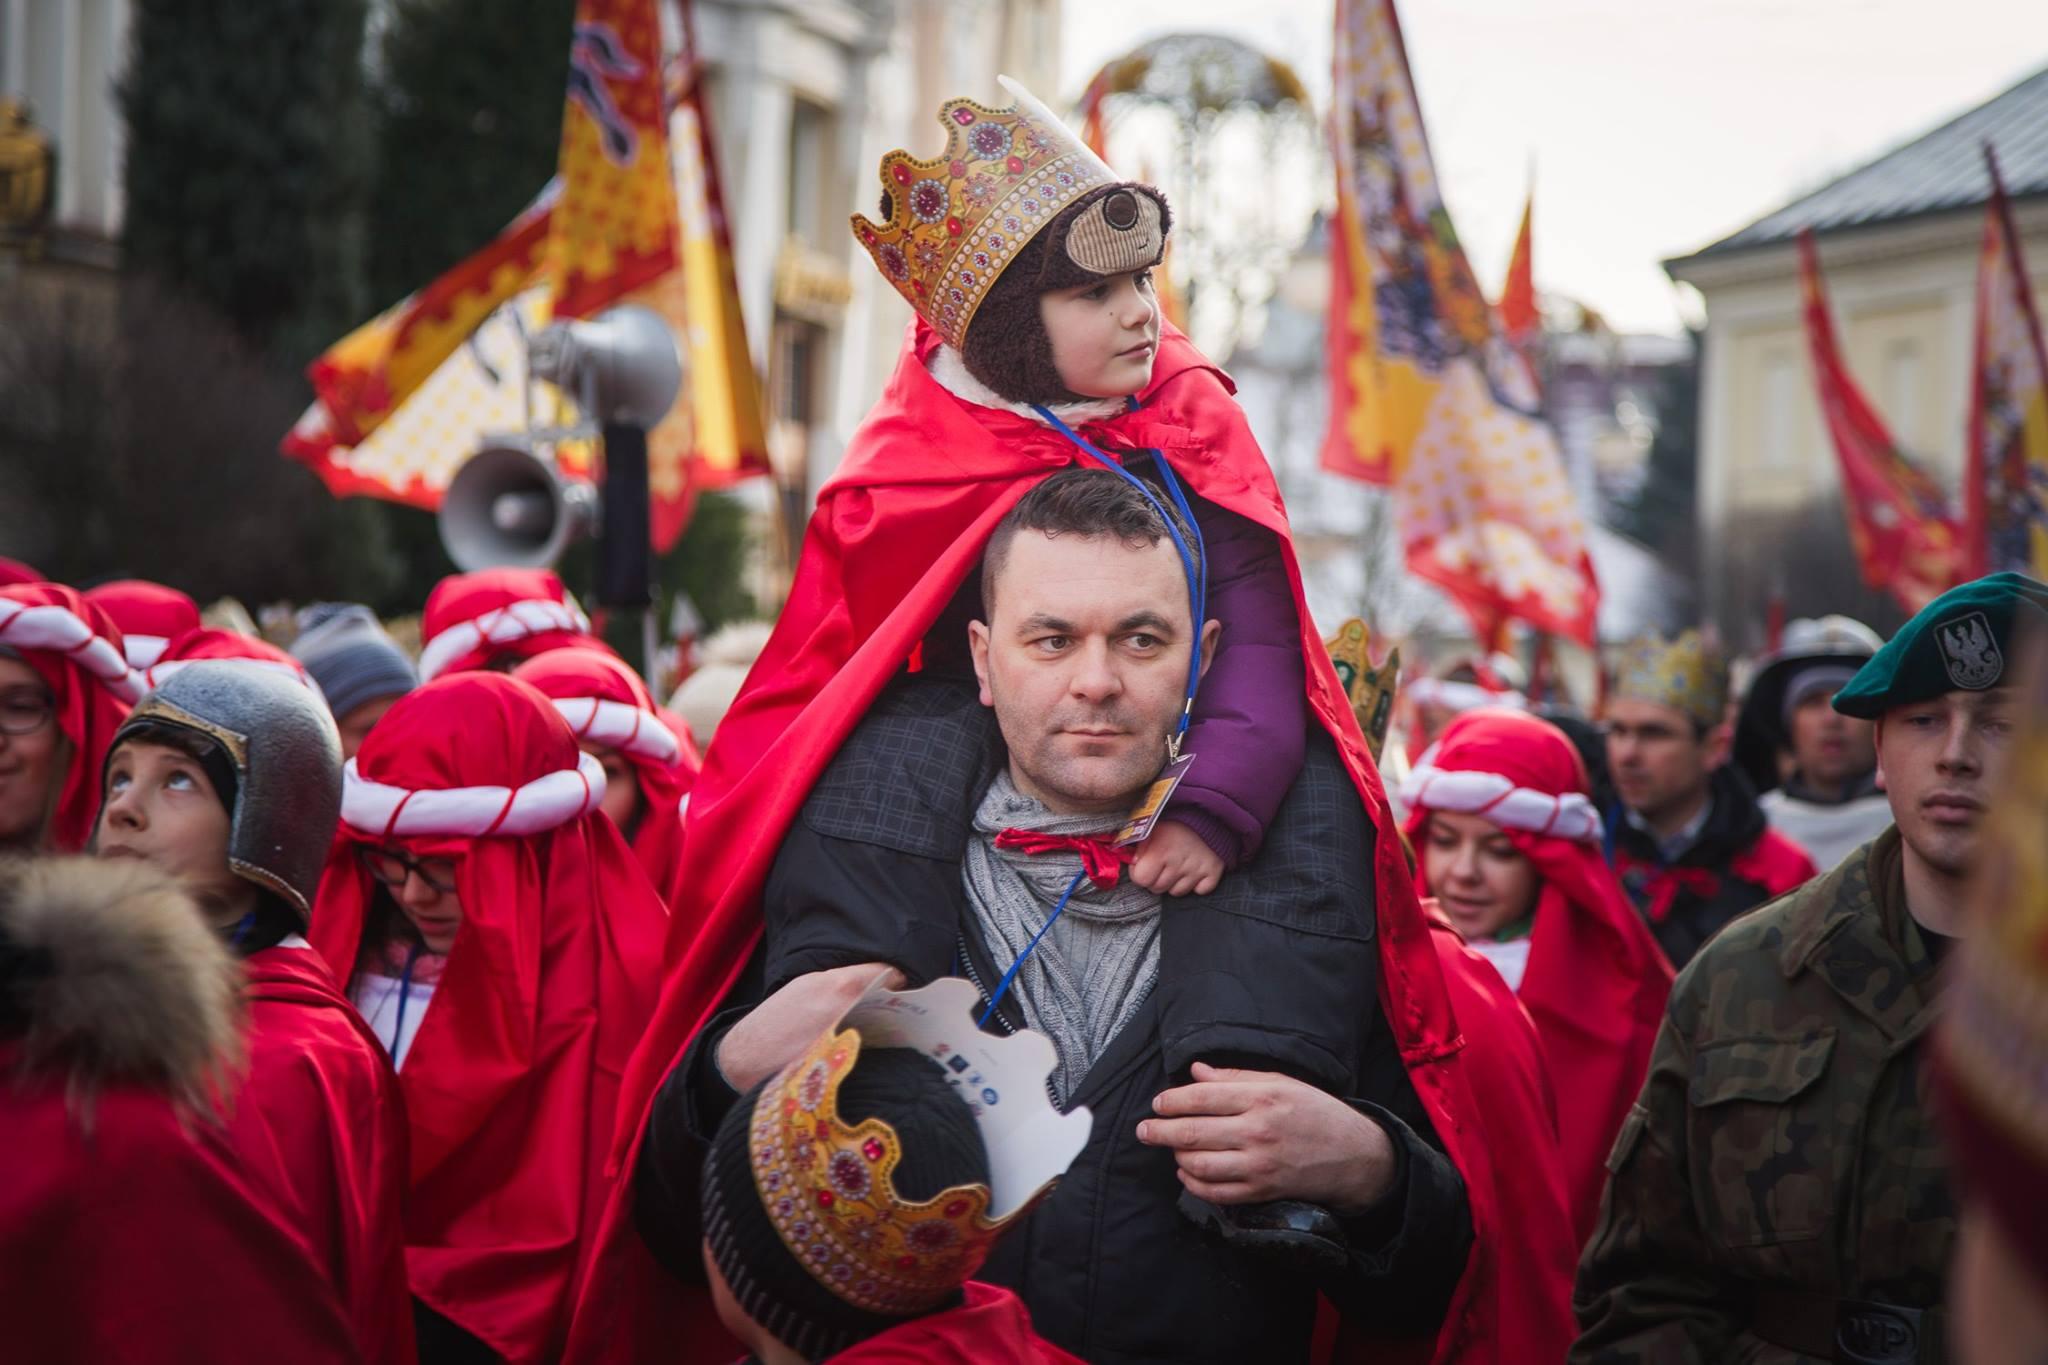 «Шествие Трех королей» в польском Жешуве (ФОТО)